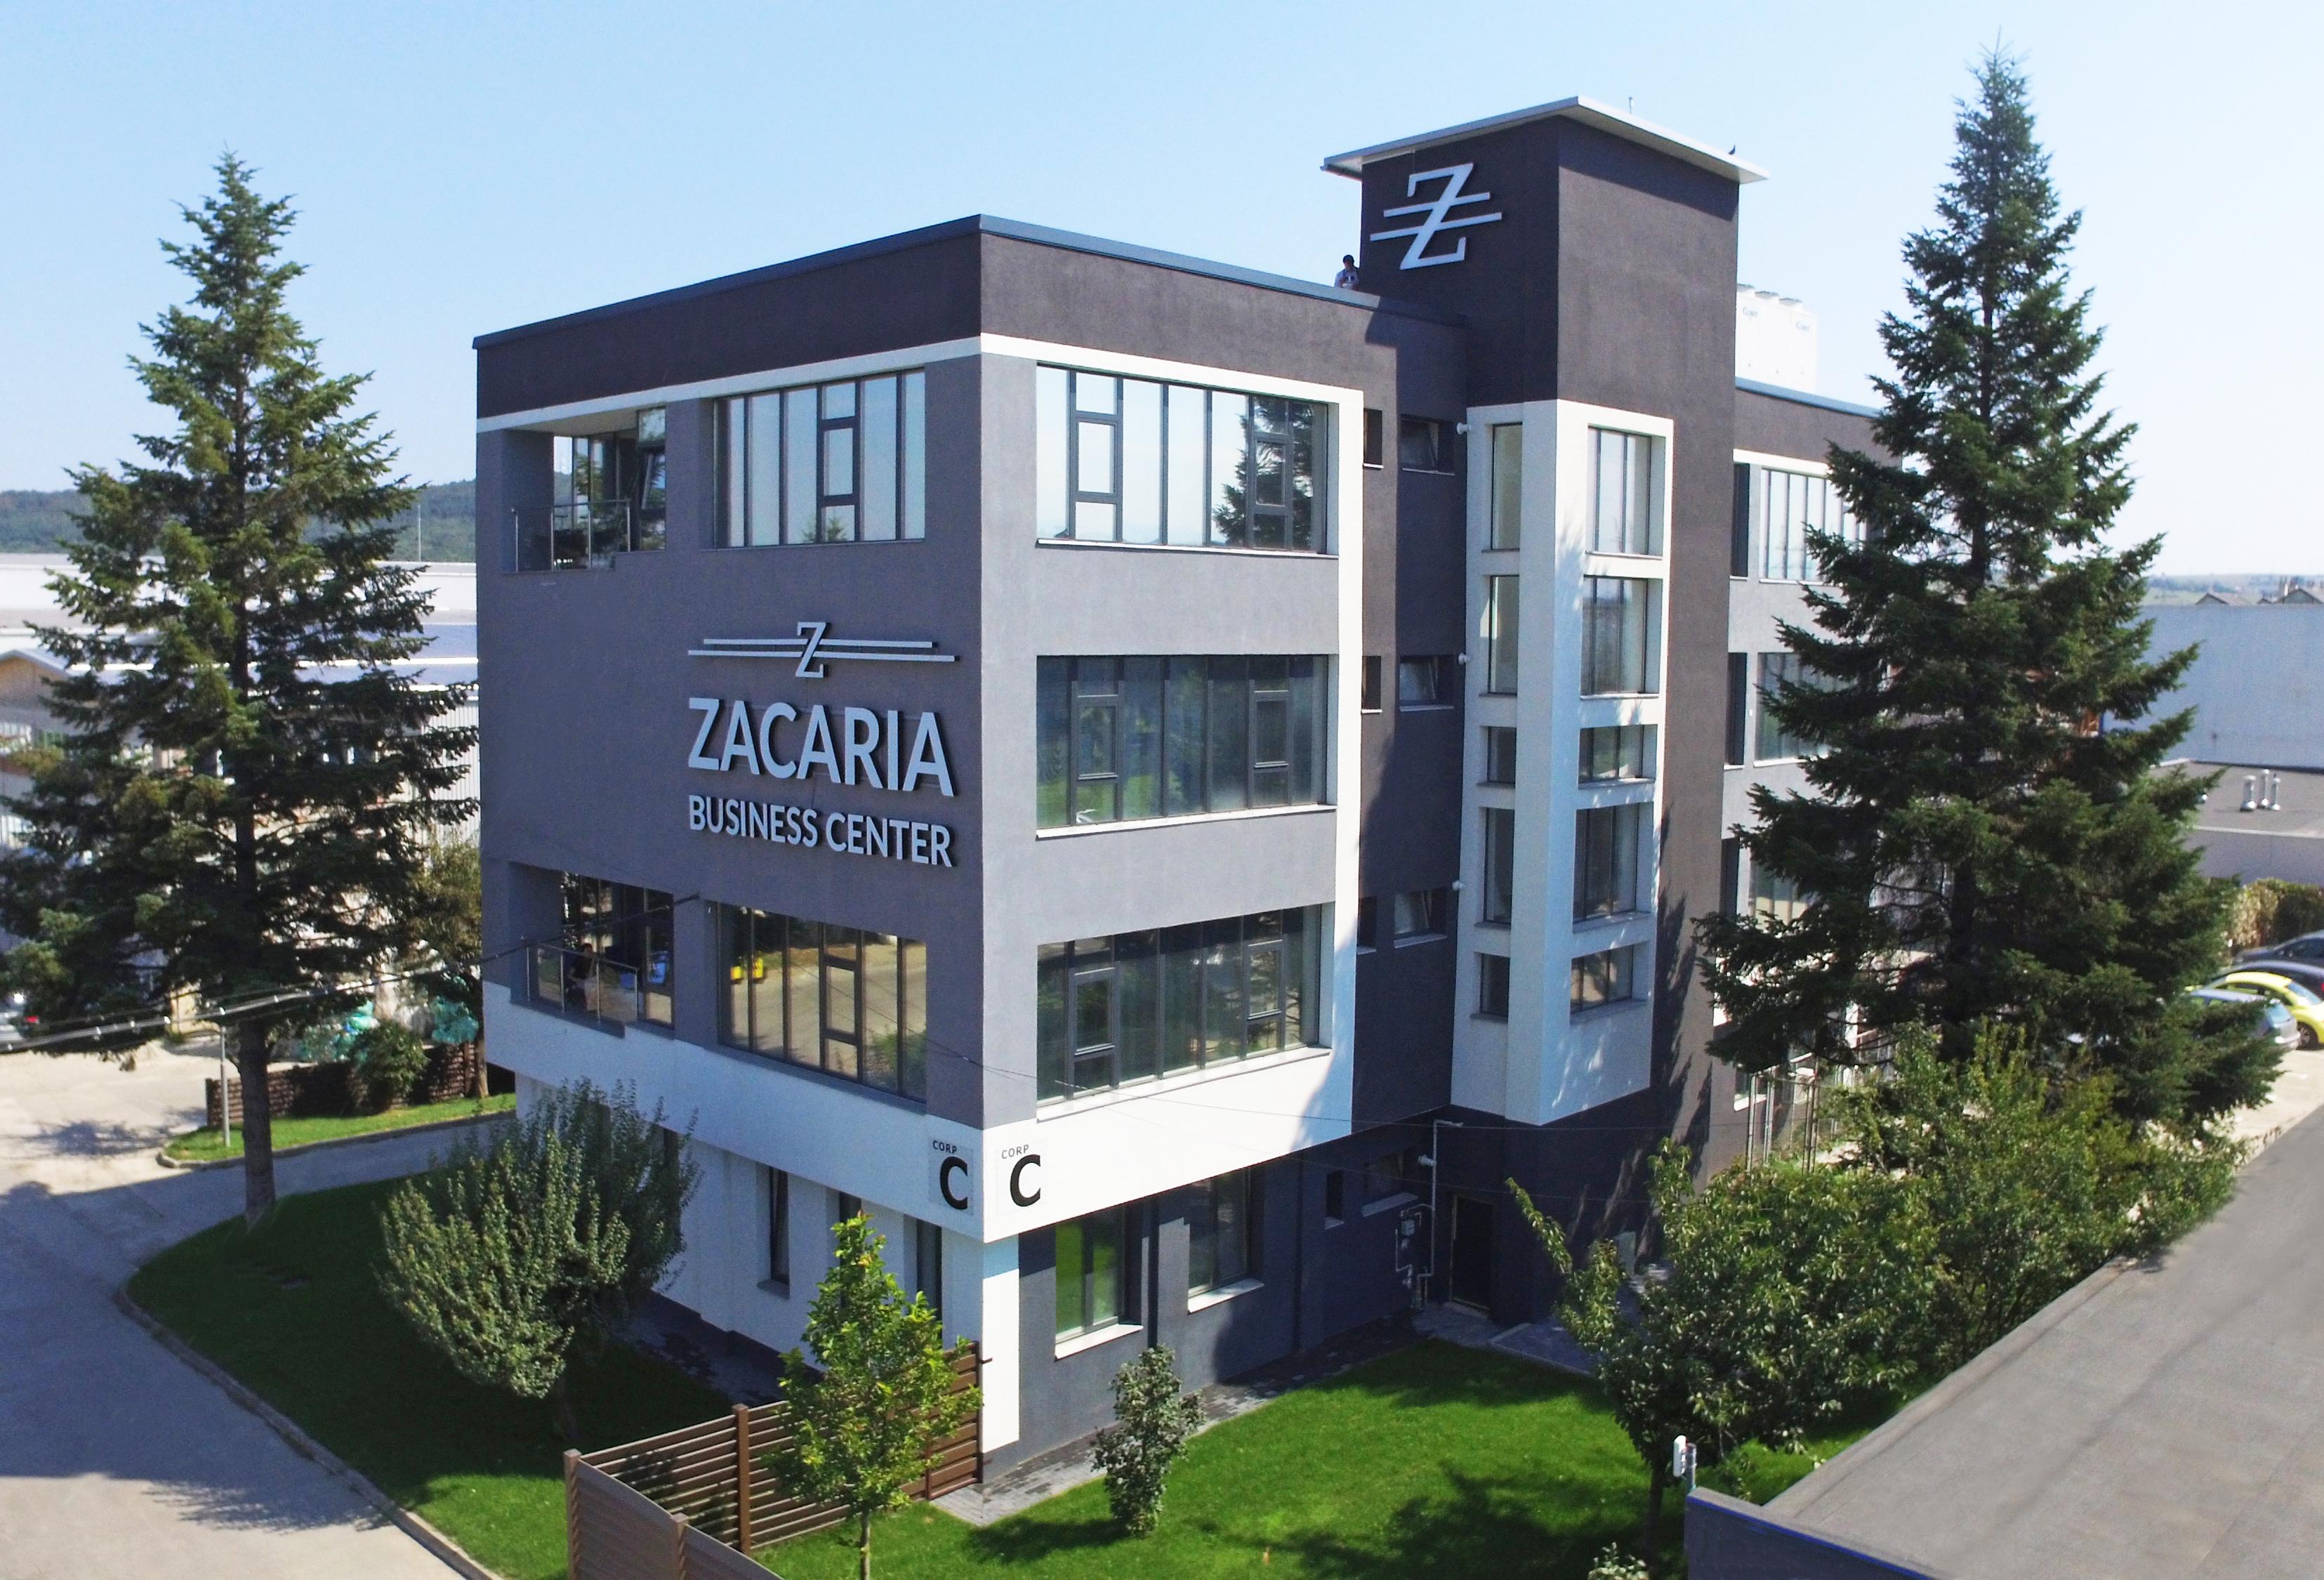 Zacaria lansează în Sibiu ZHub - un spațiu de coworking, un cerc de viitori prieteni